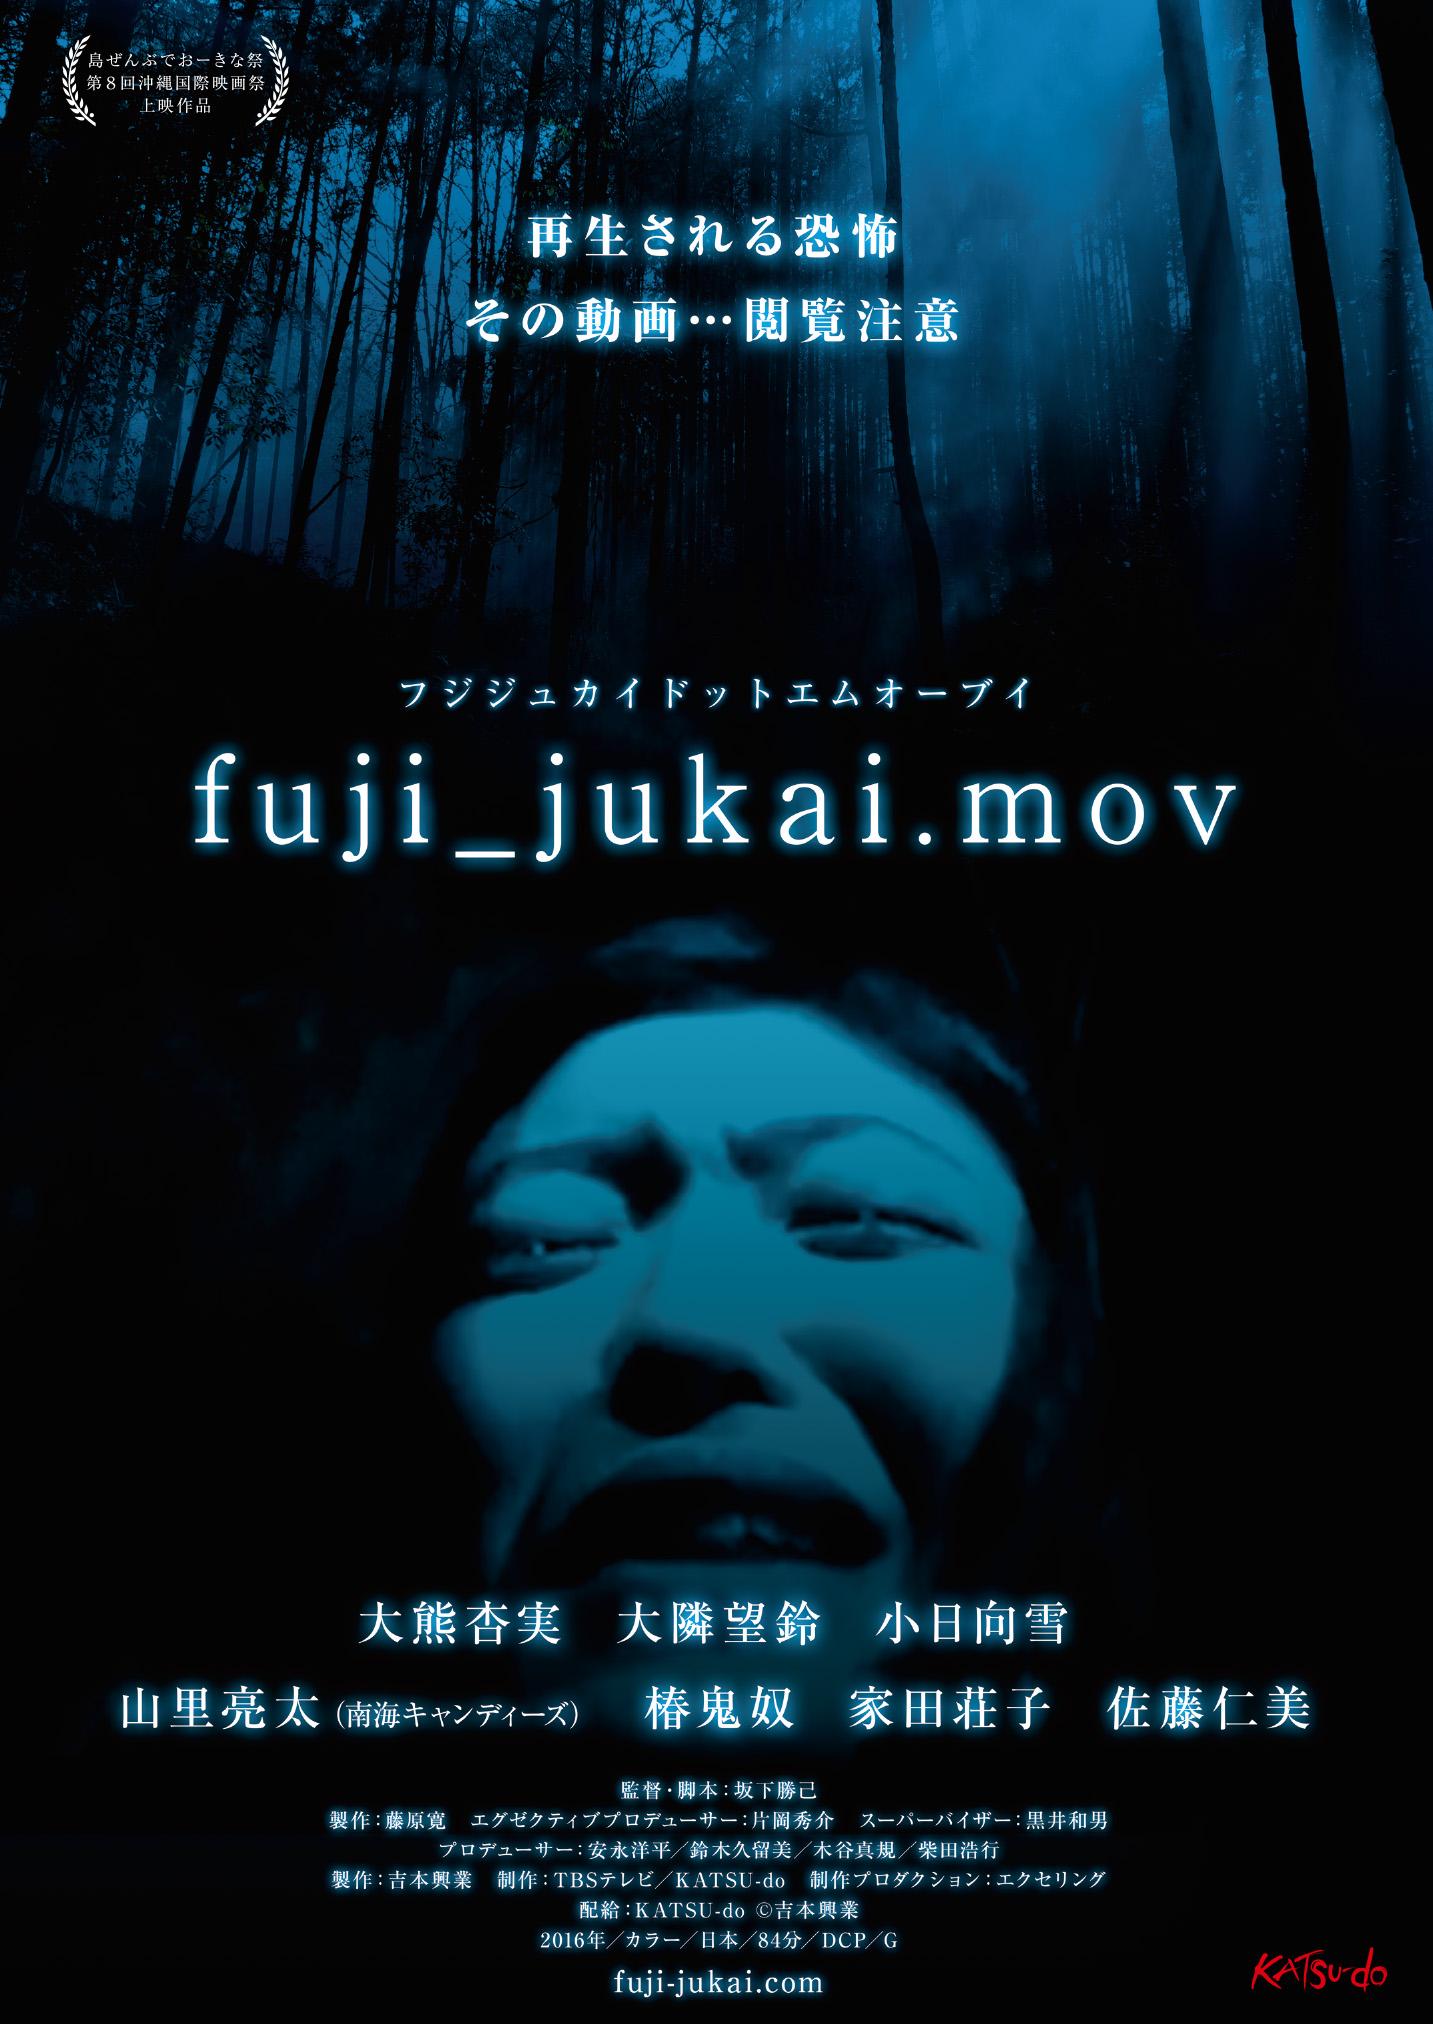 fuji_jukai